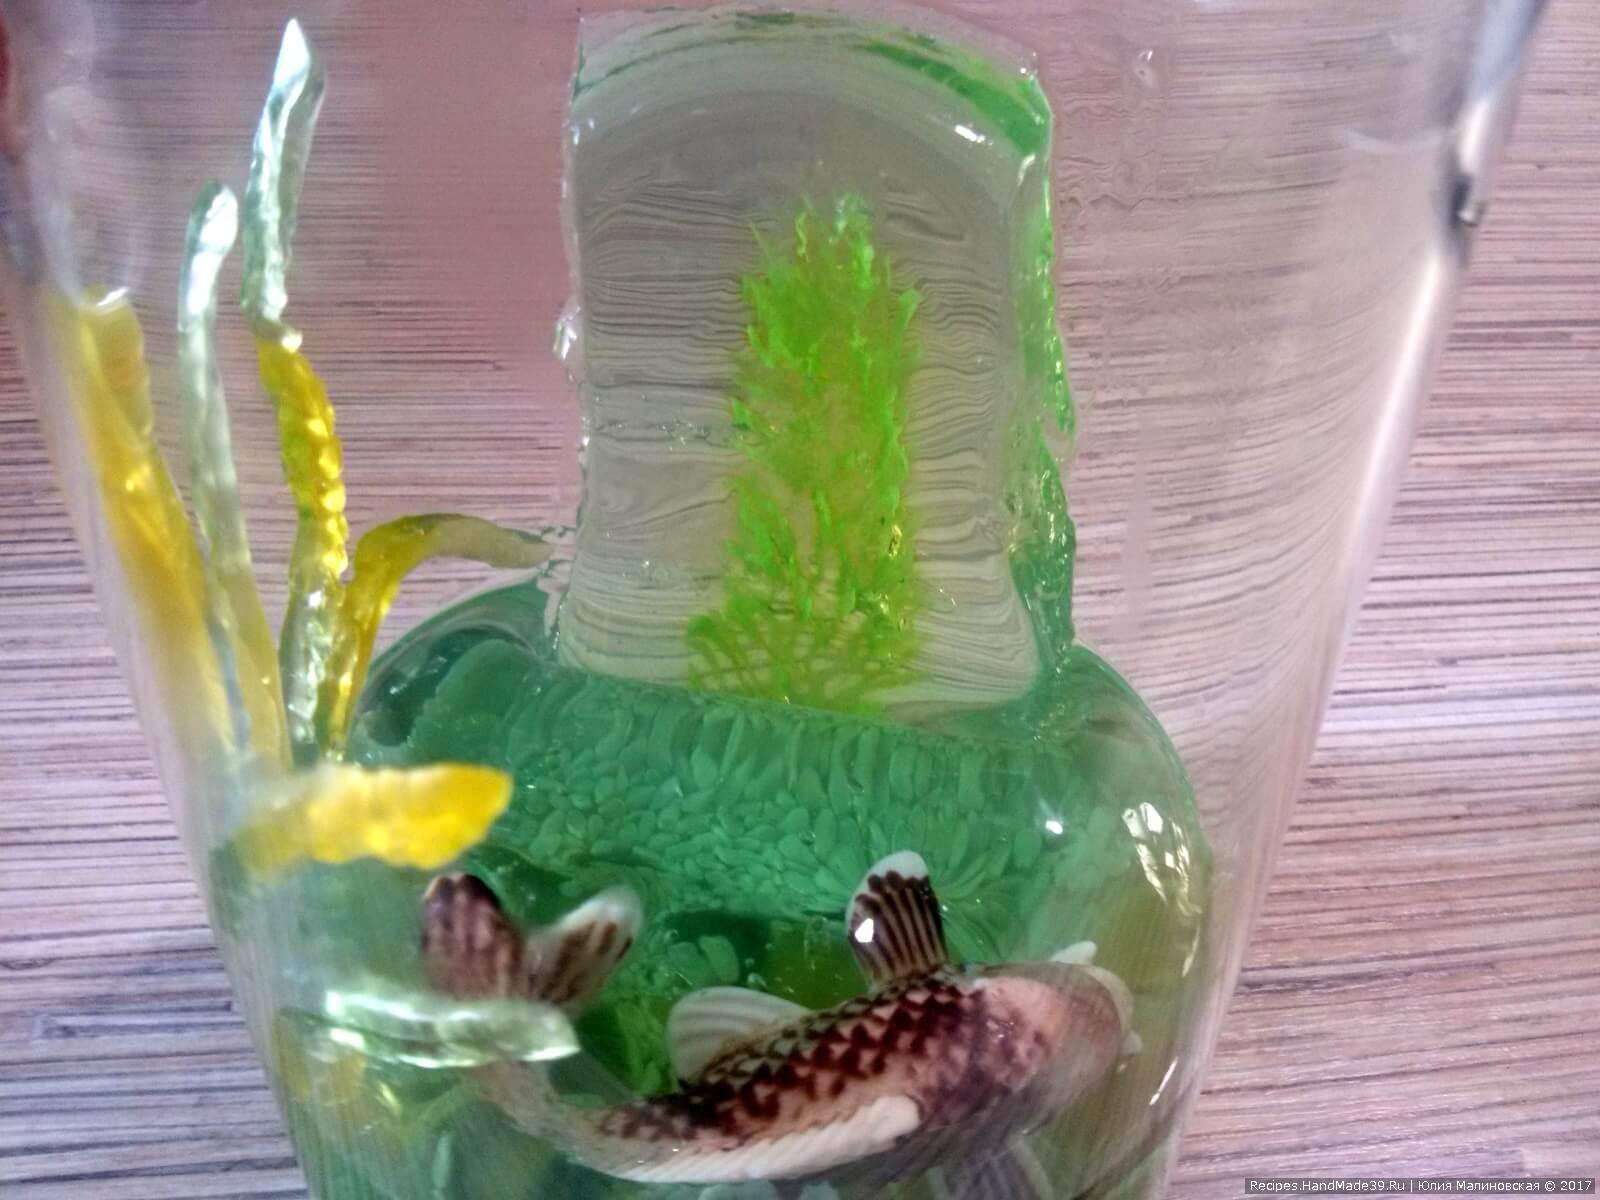 Установить желе с водорослями в стакане, залить желе, но не доверху